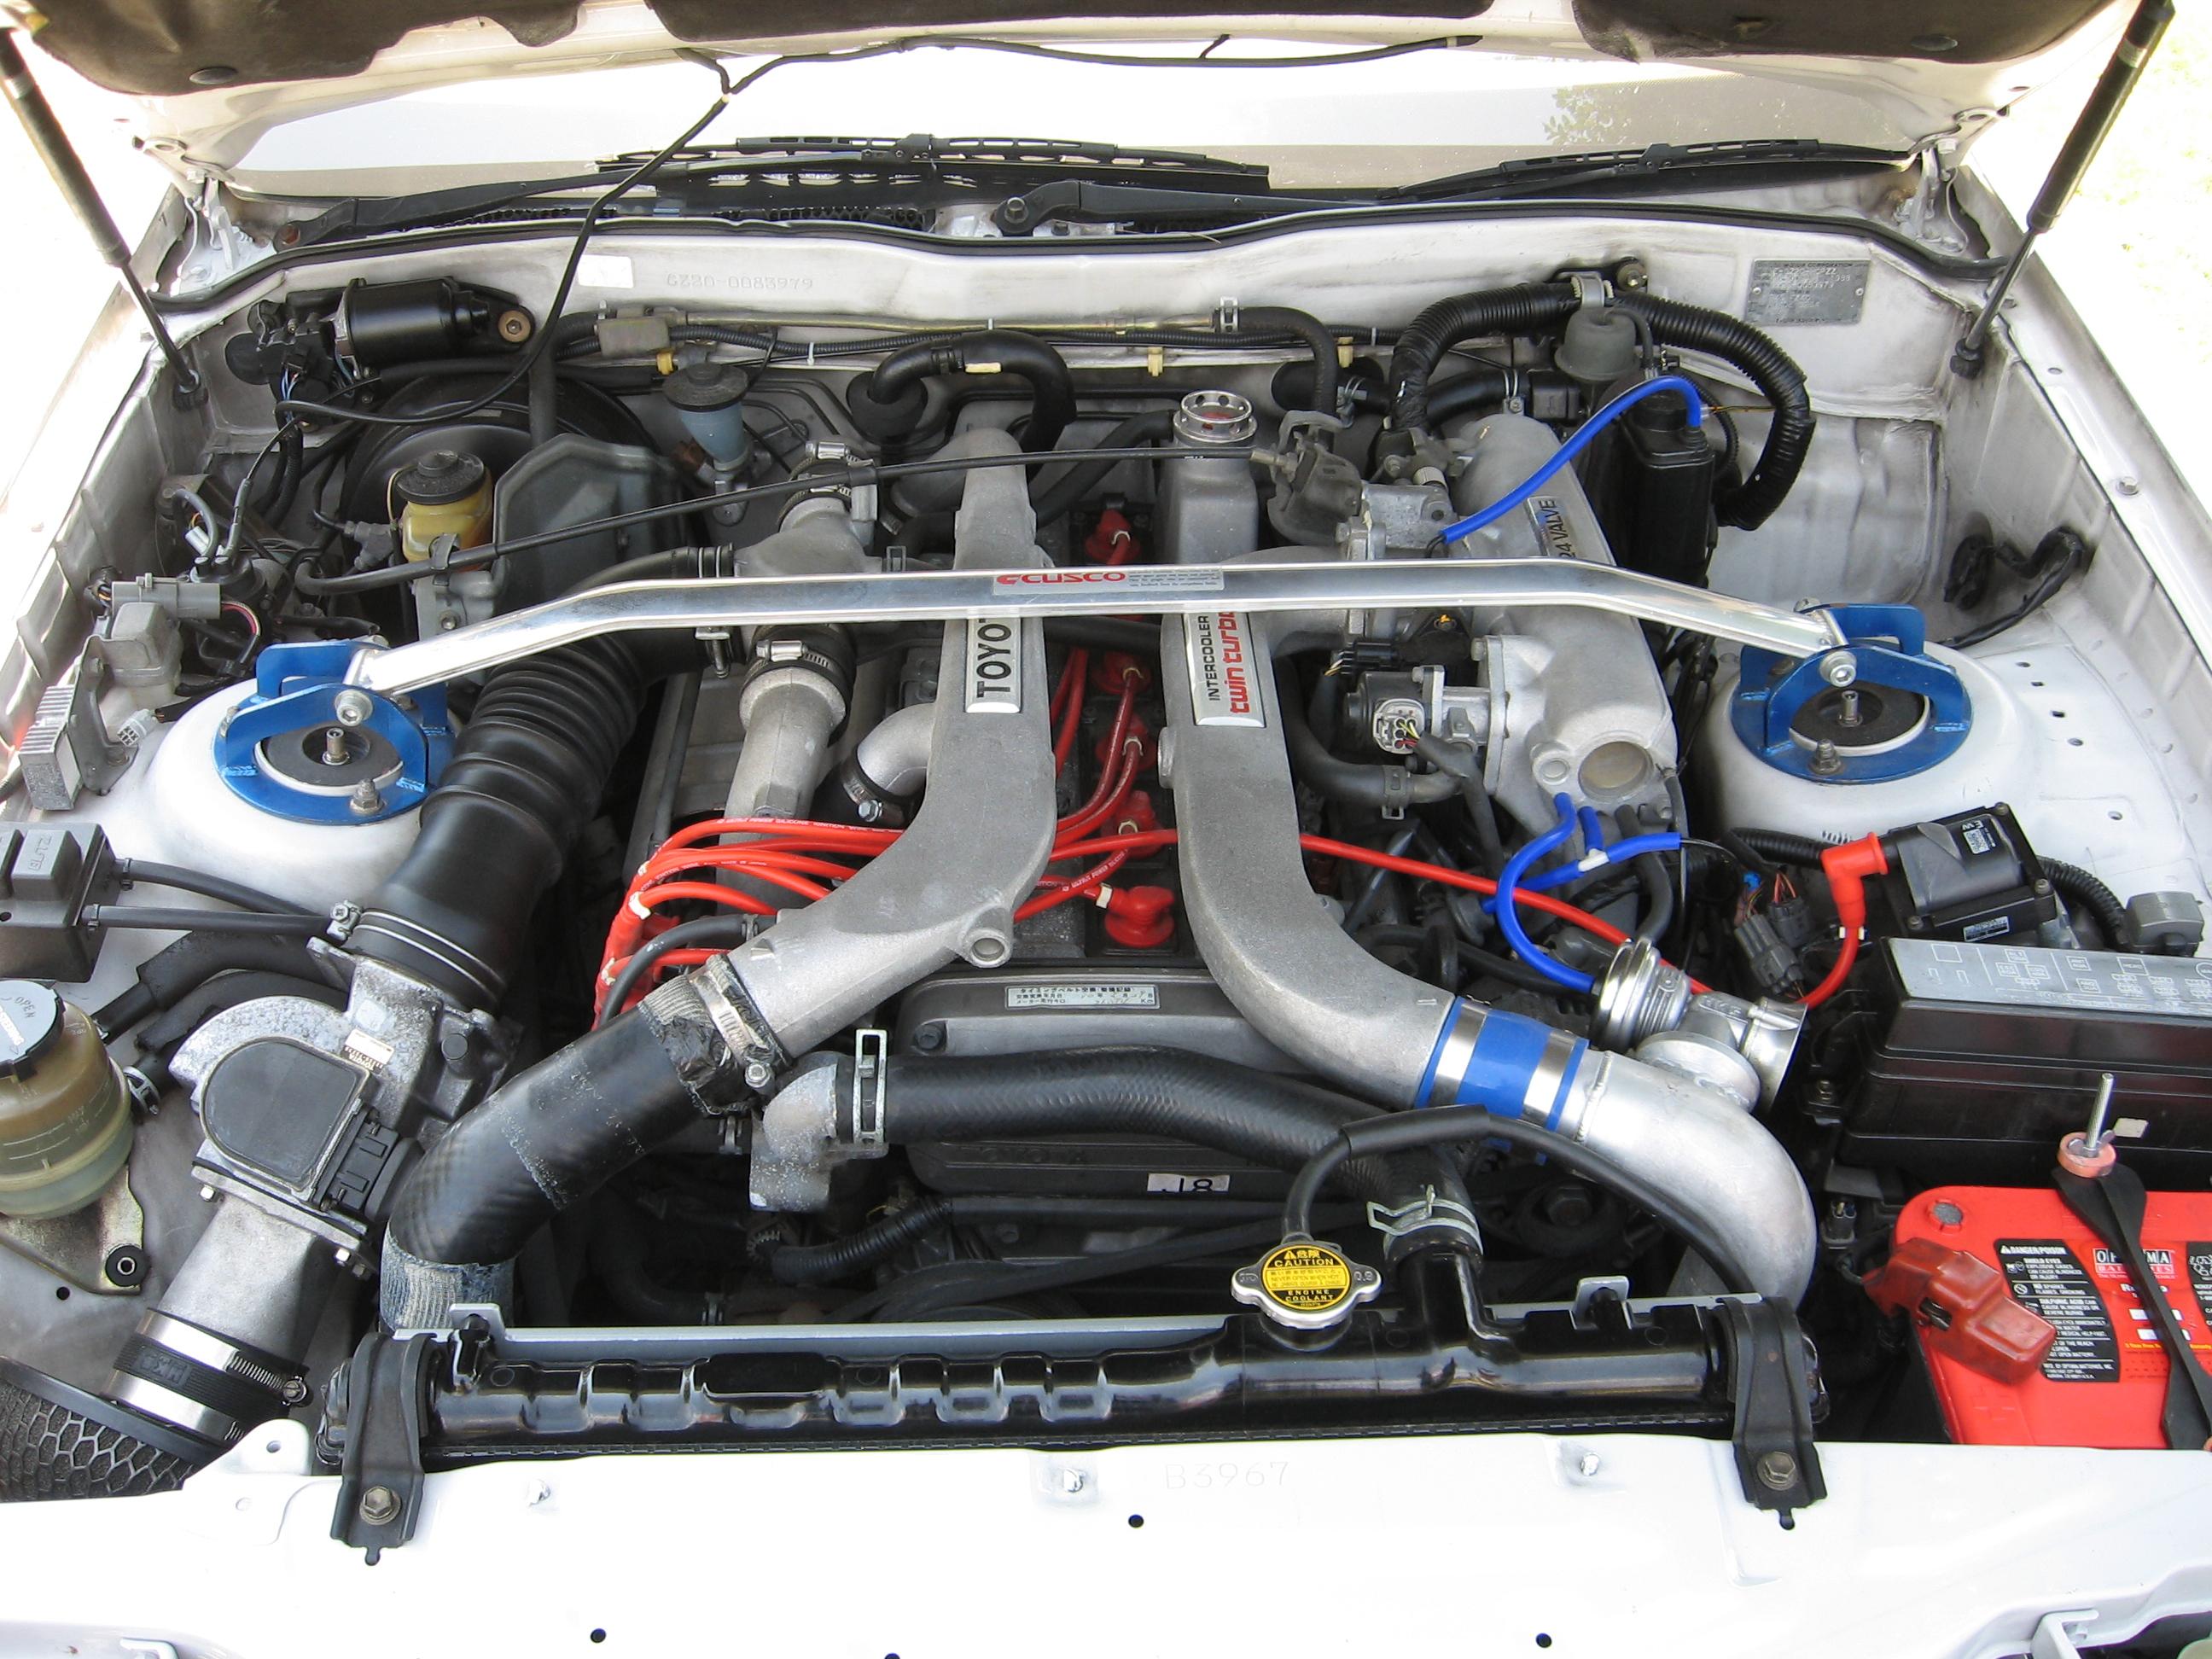 92 camry v6 engine diagram